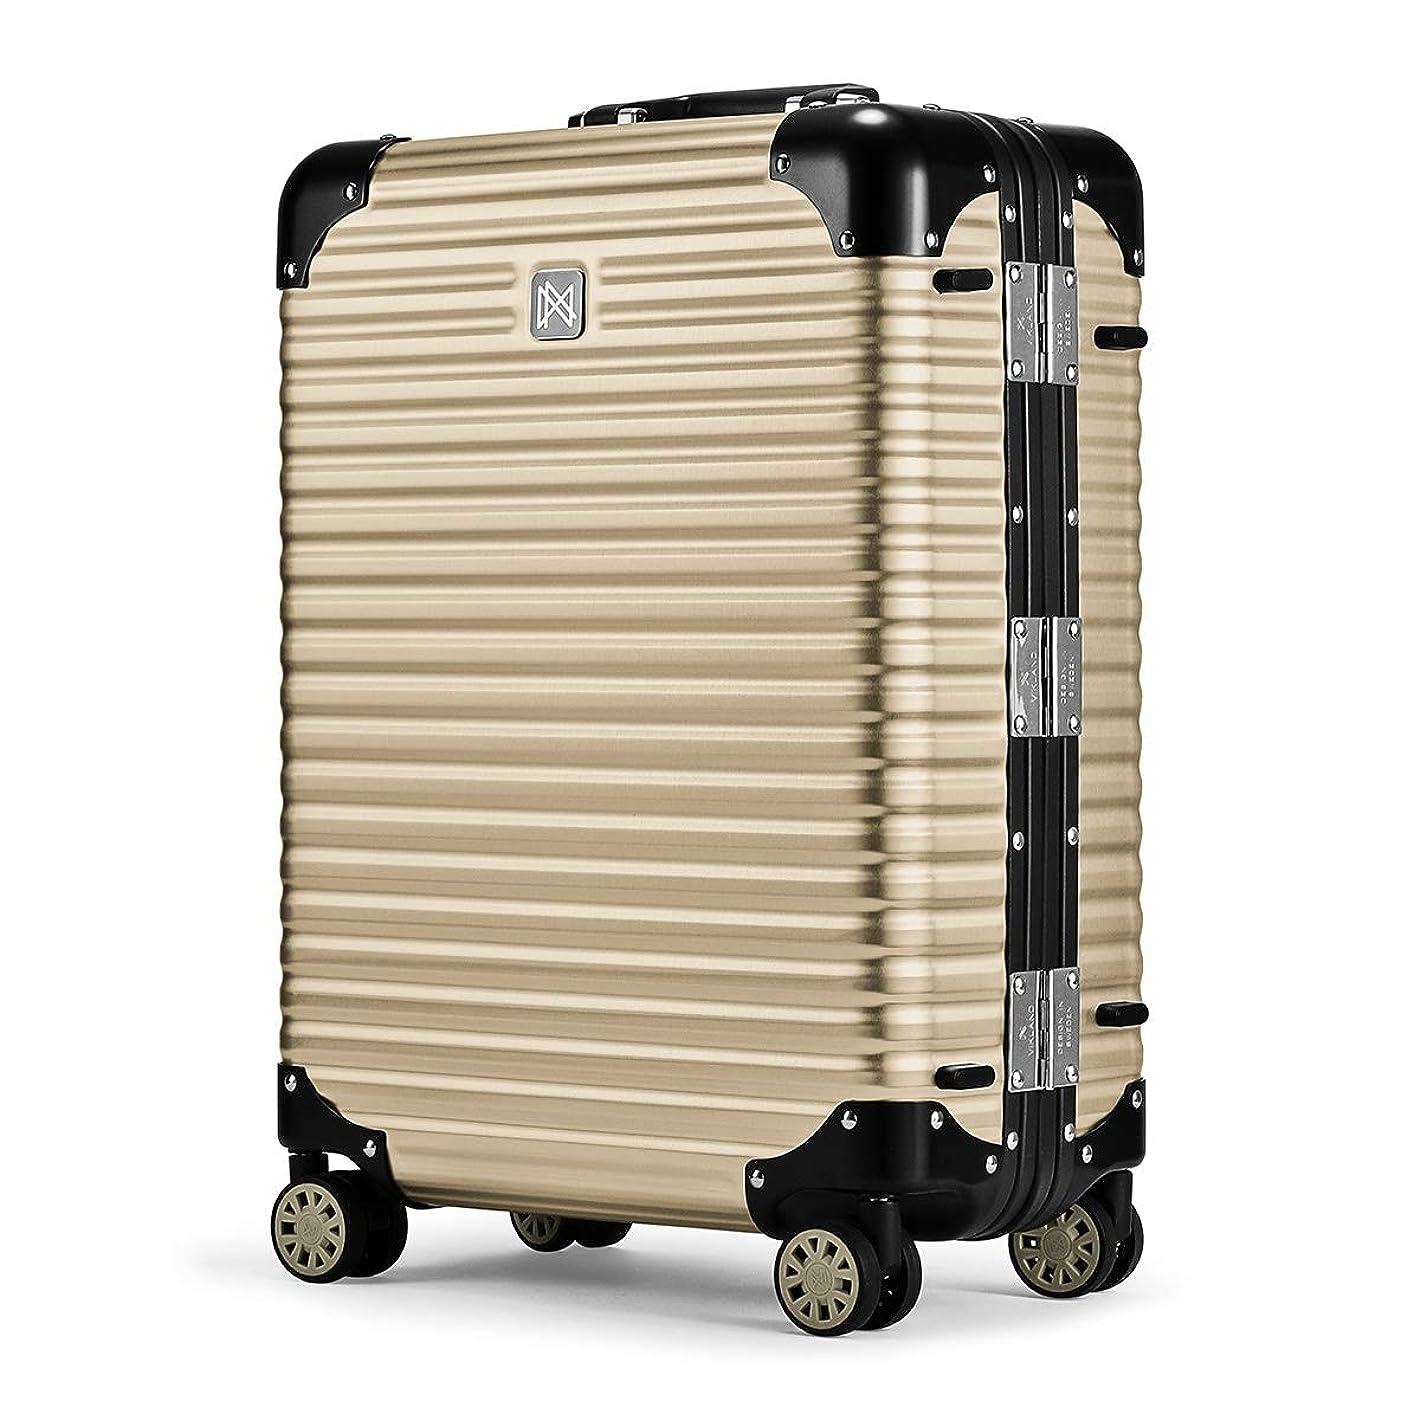 水曜日湿原遵守する[ランツォ] スーツケース ノーマン 21インチ 機内持込可 34L 49cm 4.6kg